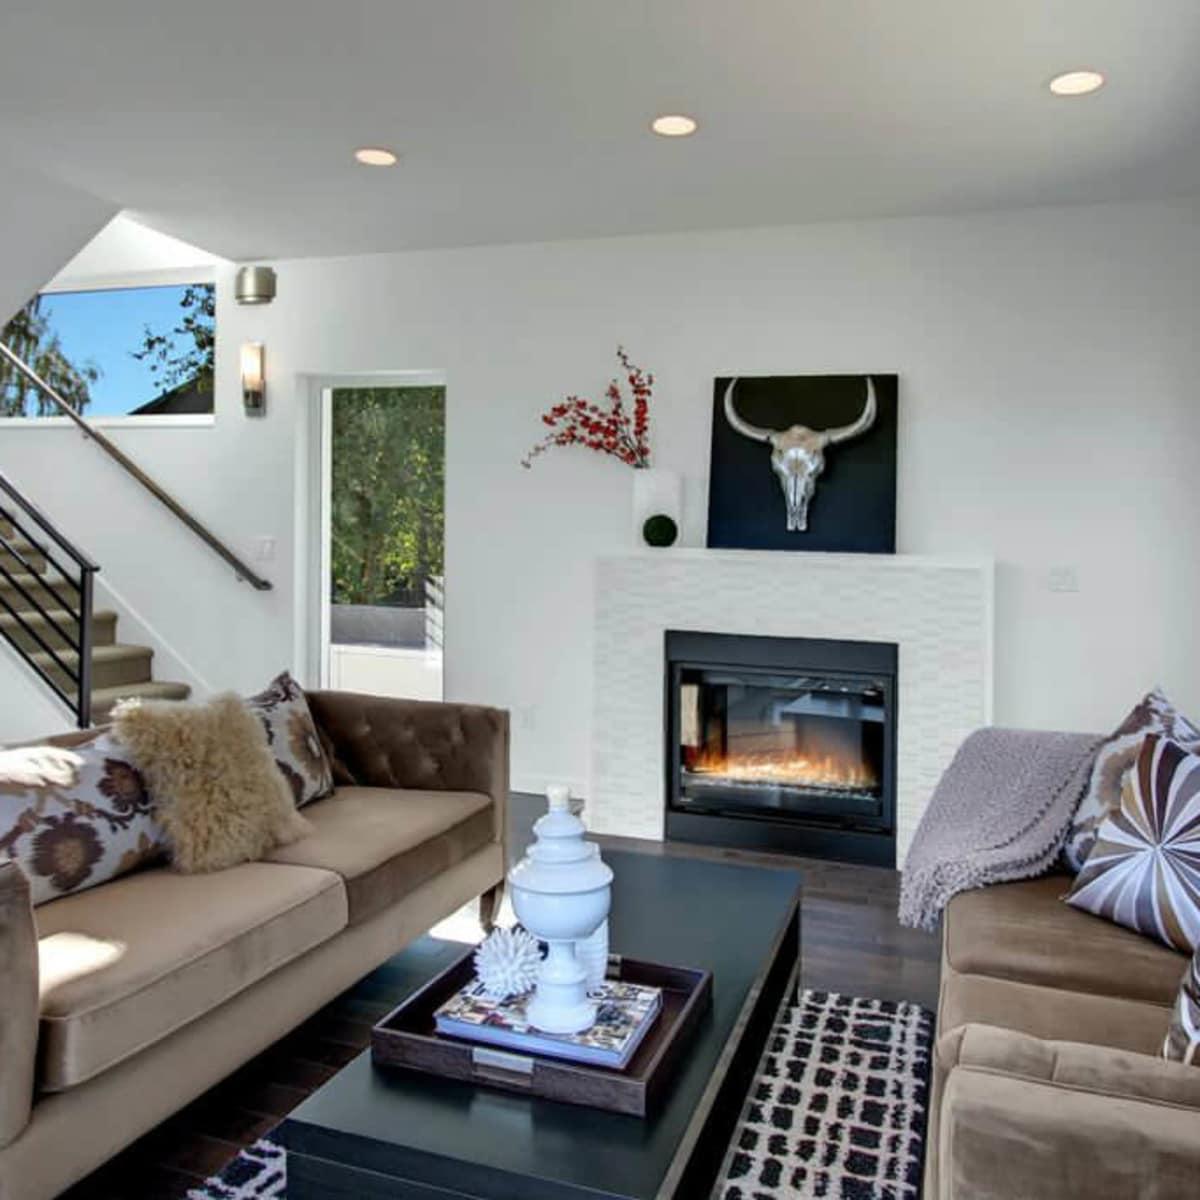 Living room with velvet sofas